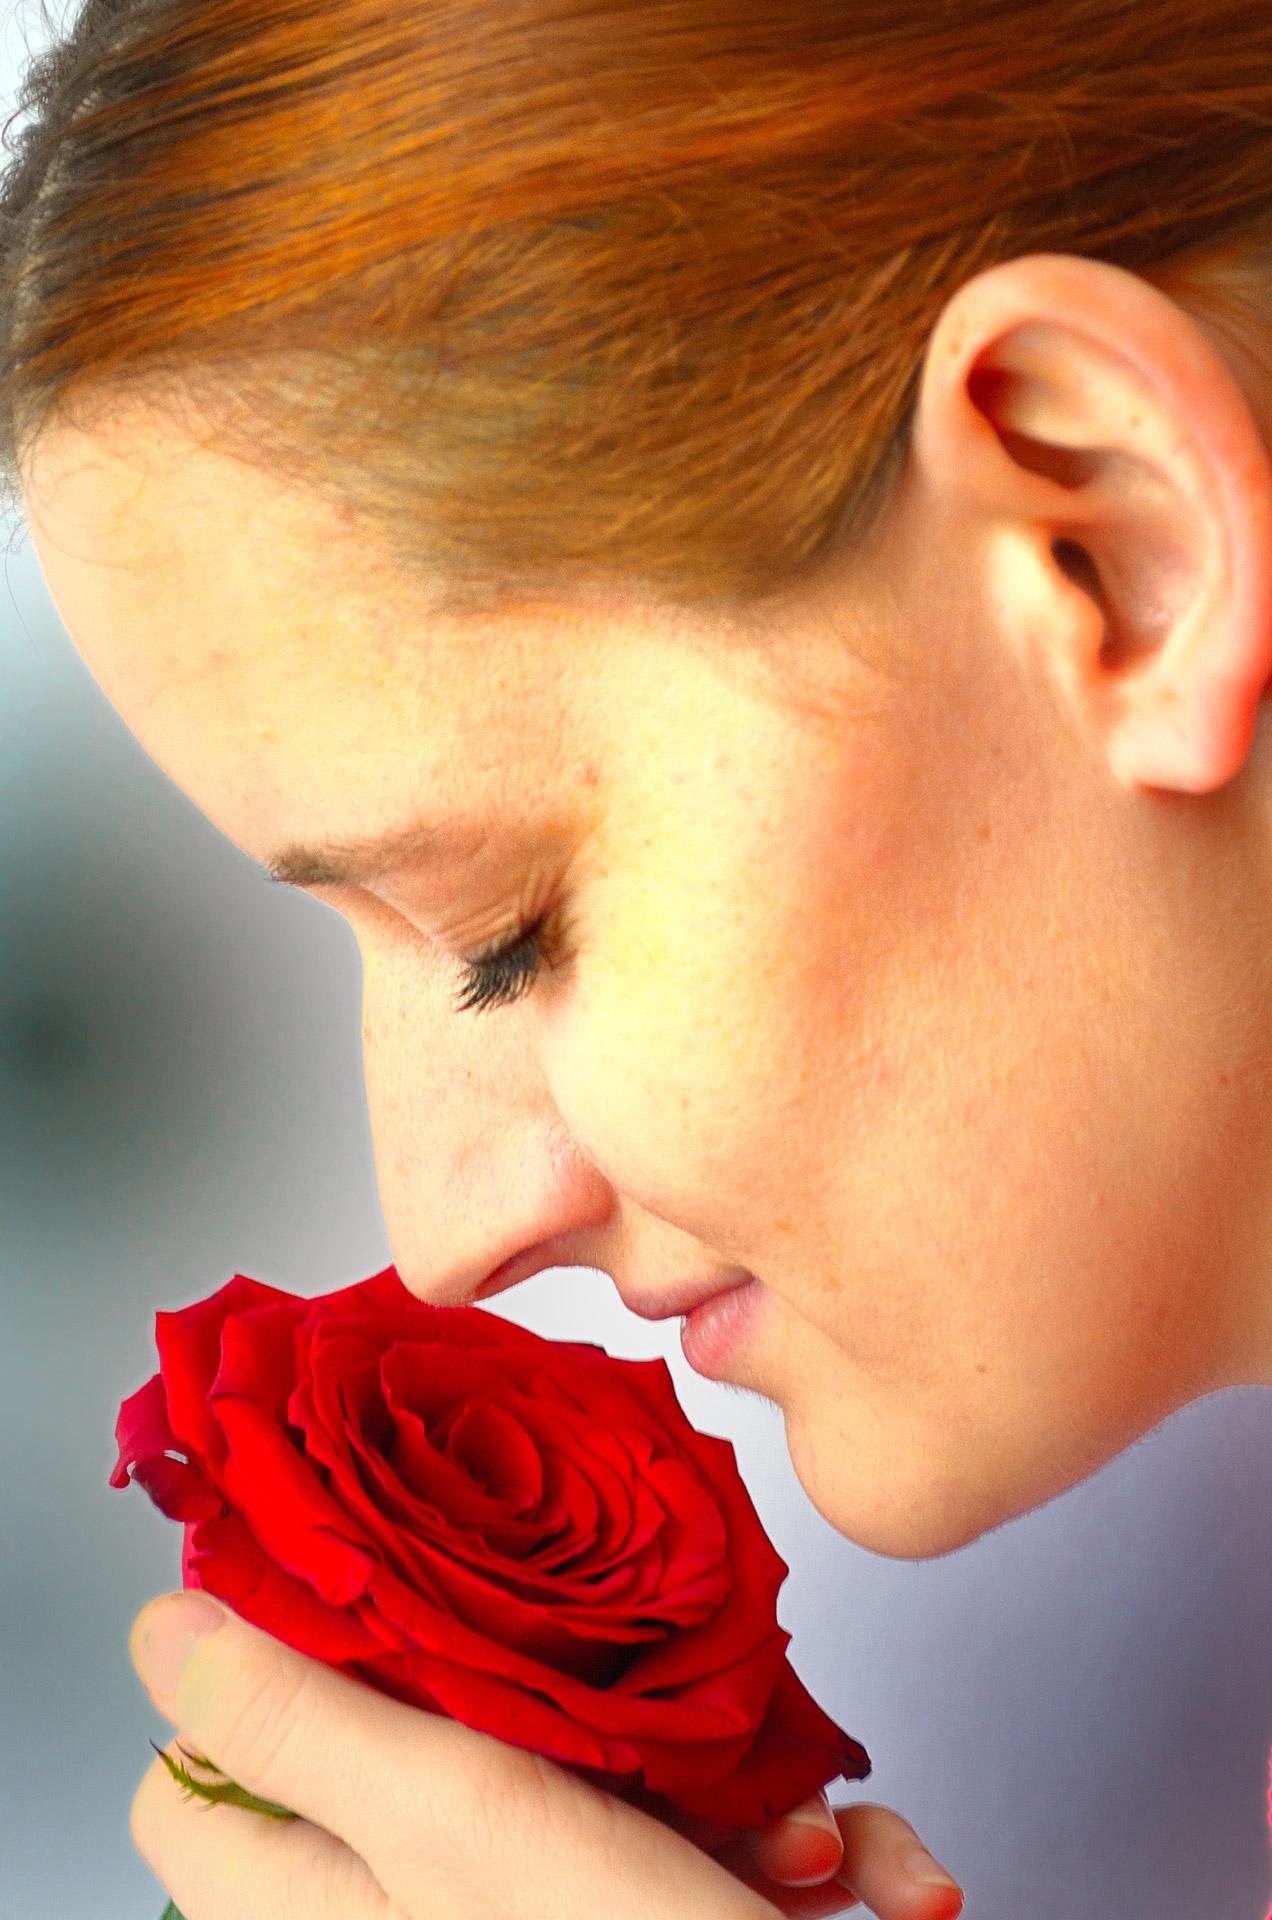 De ce se modifică mirosul corpului la menopauză?